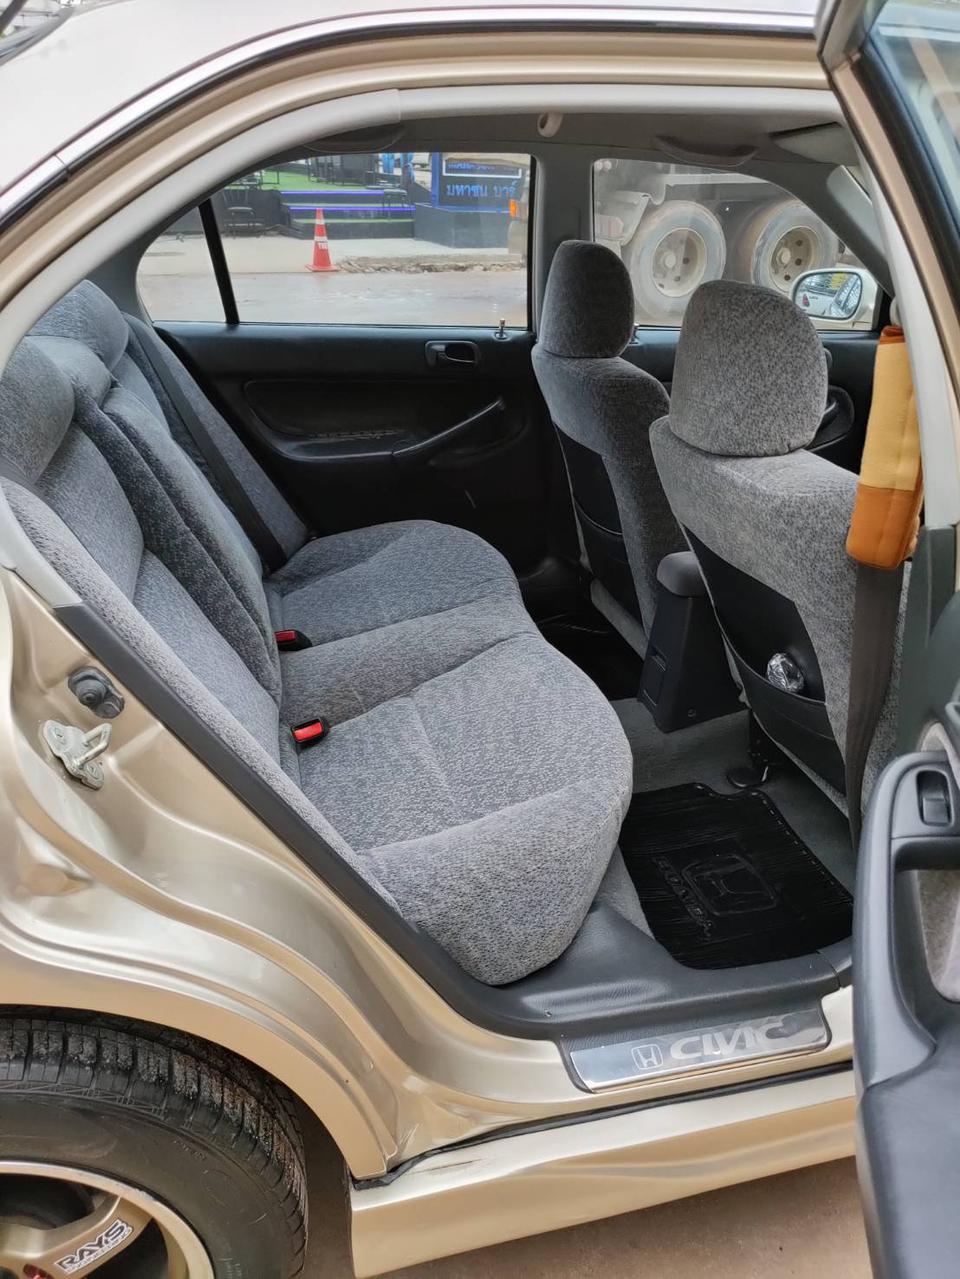 ขายรถเก๋ง Honda civic ตาโตปี 96  จ.พิษณุโลก รูปที่ 6